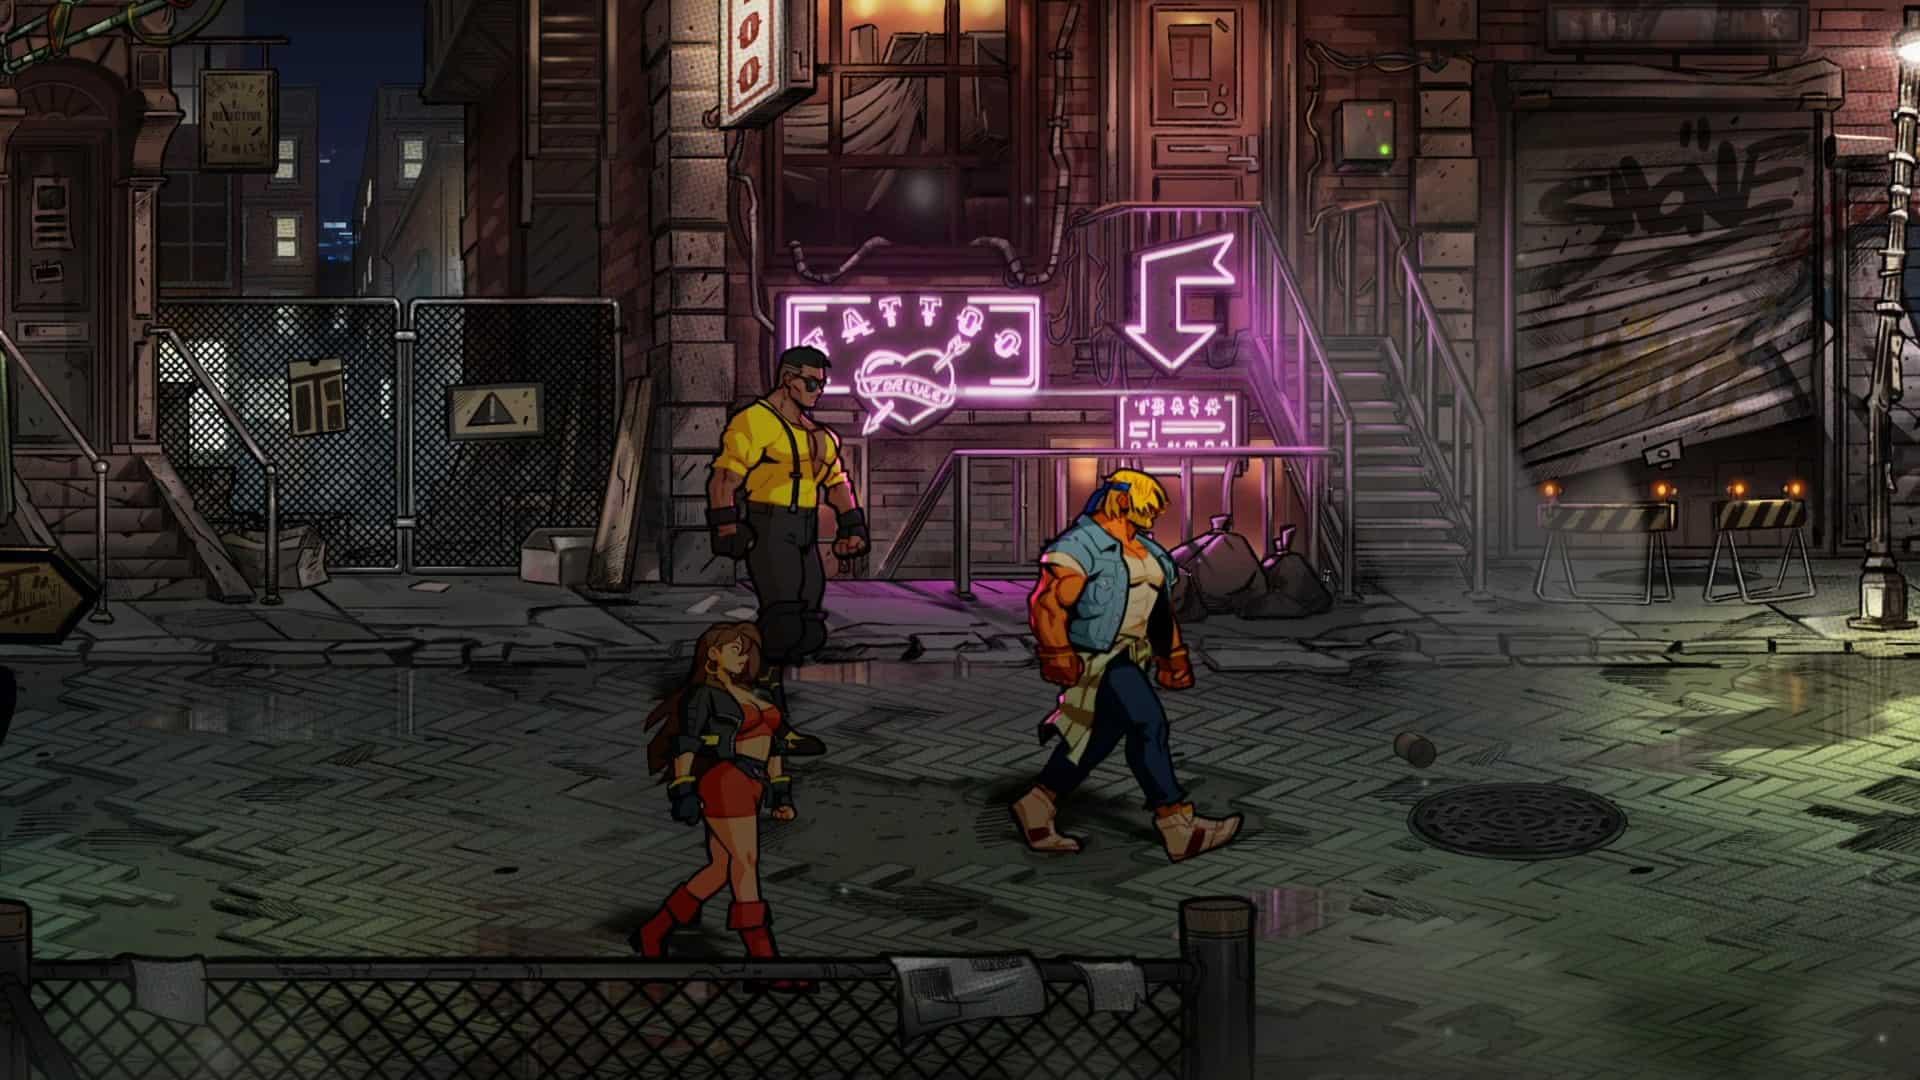 Le roster de base de Streets of Rage